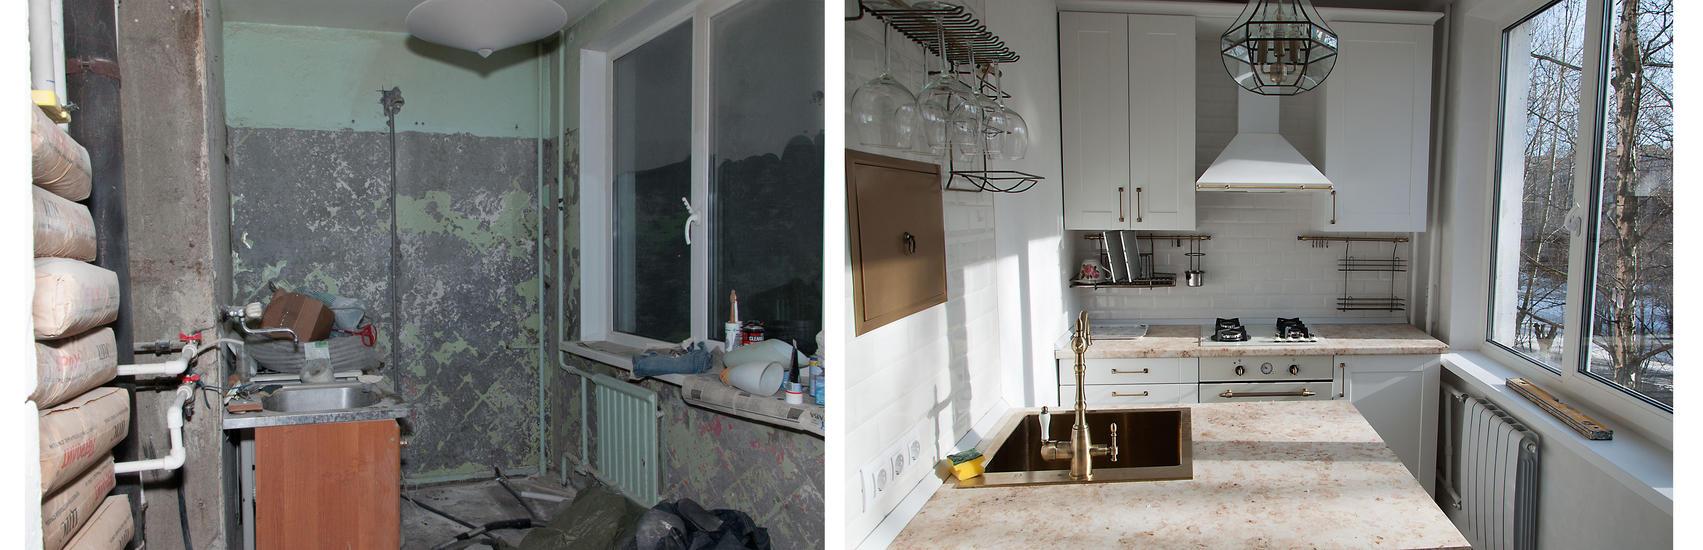 Отремонтированная кухня